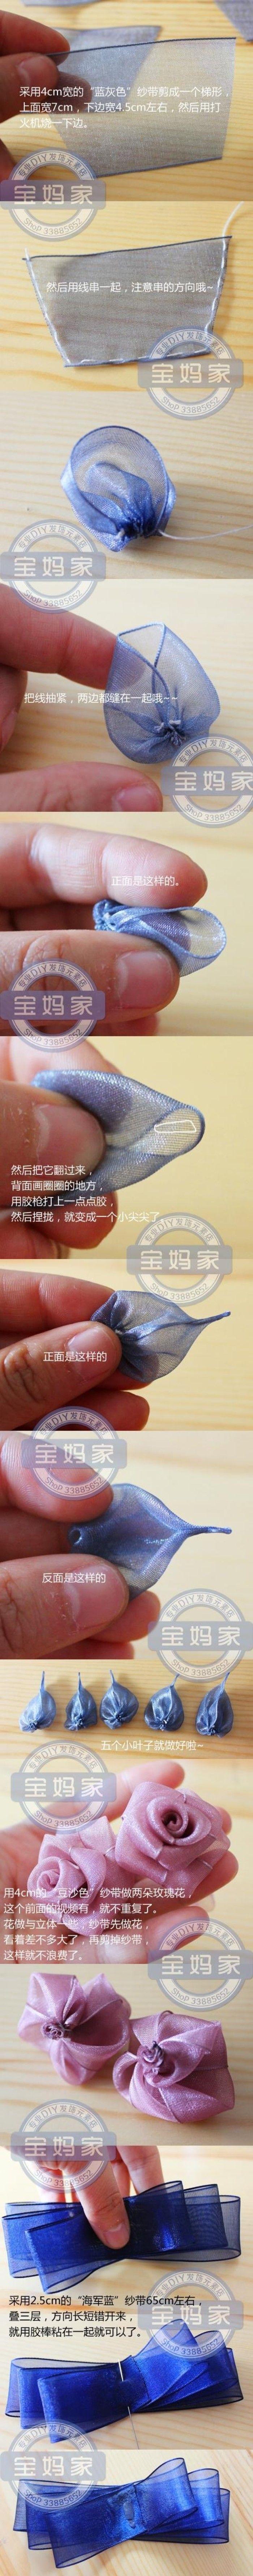 DIY撞色花朵发夹教程(上)